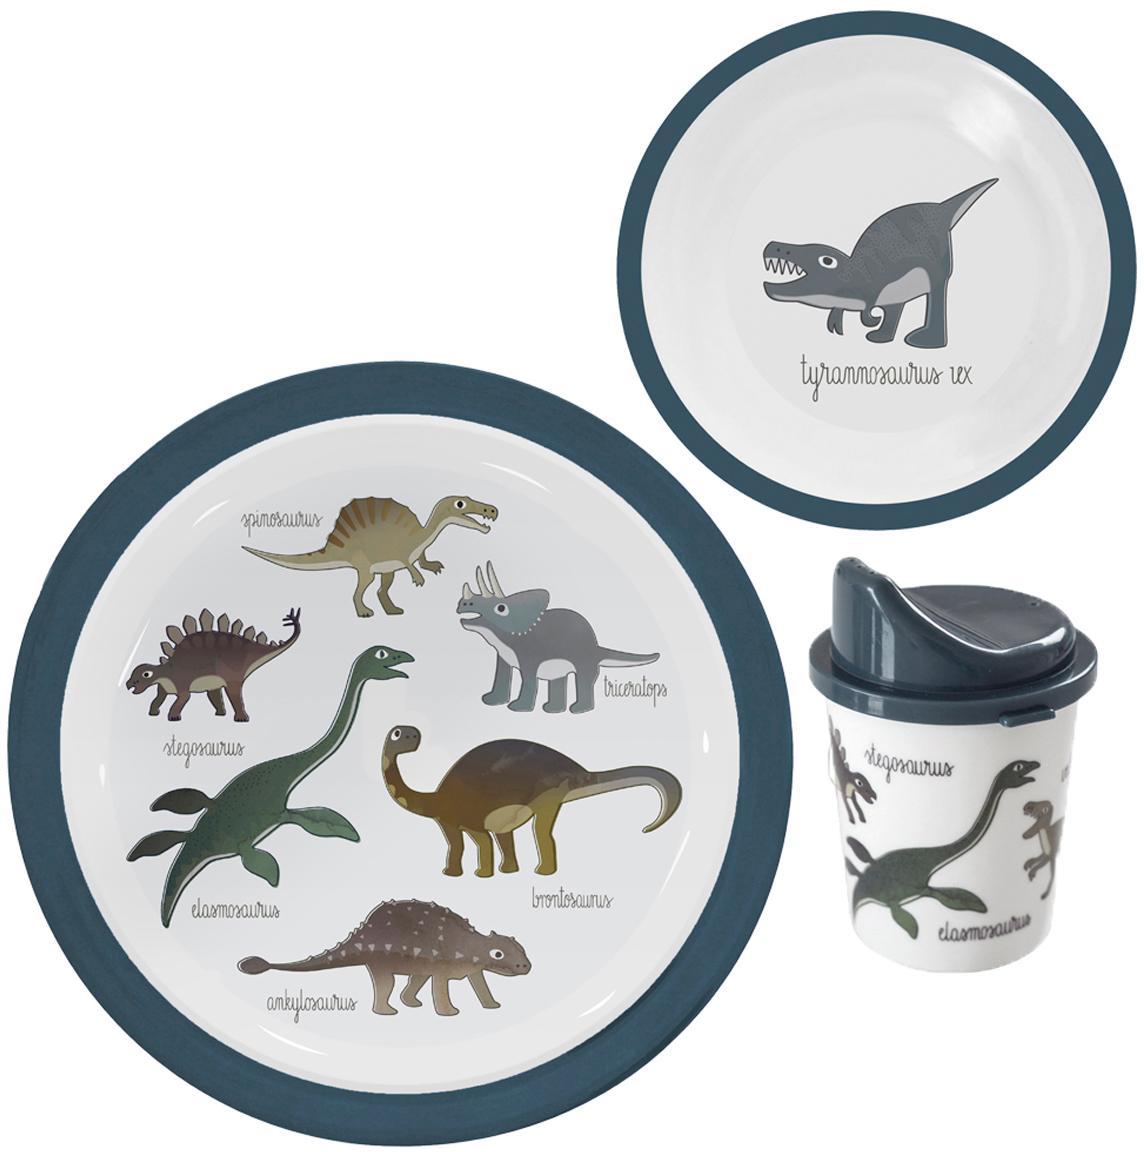 Komplet naczyń Dino, 3 elem., Melamina, tworzywo sztuczne, Wielobarwny, Komplet z różnymi rozmiarami